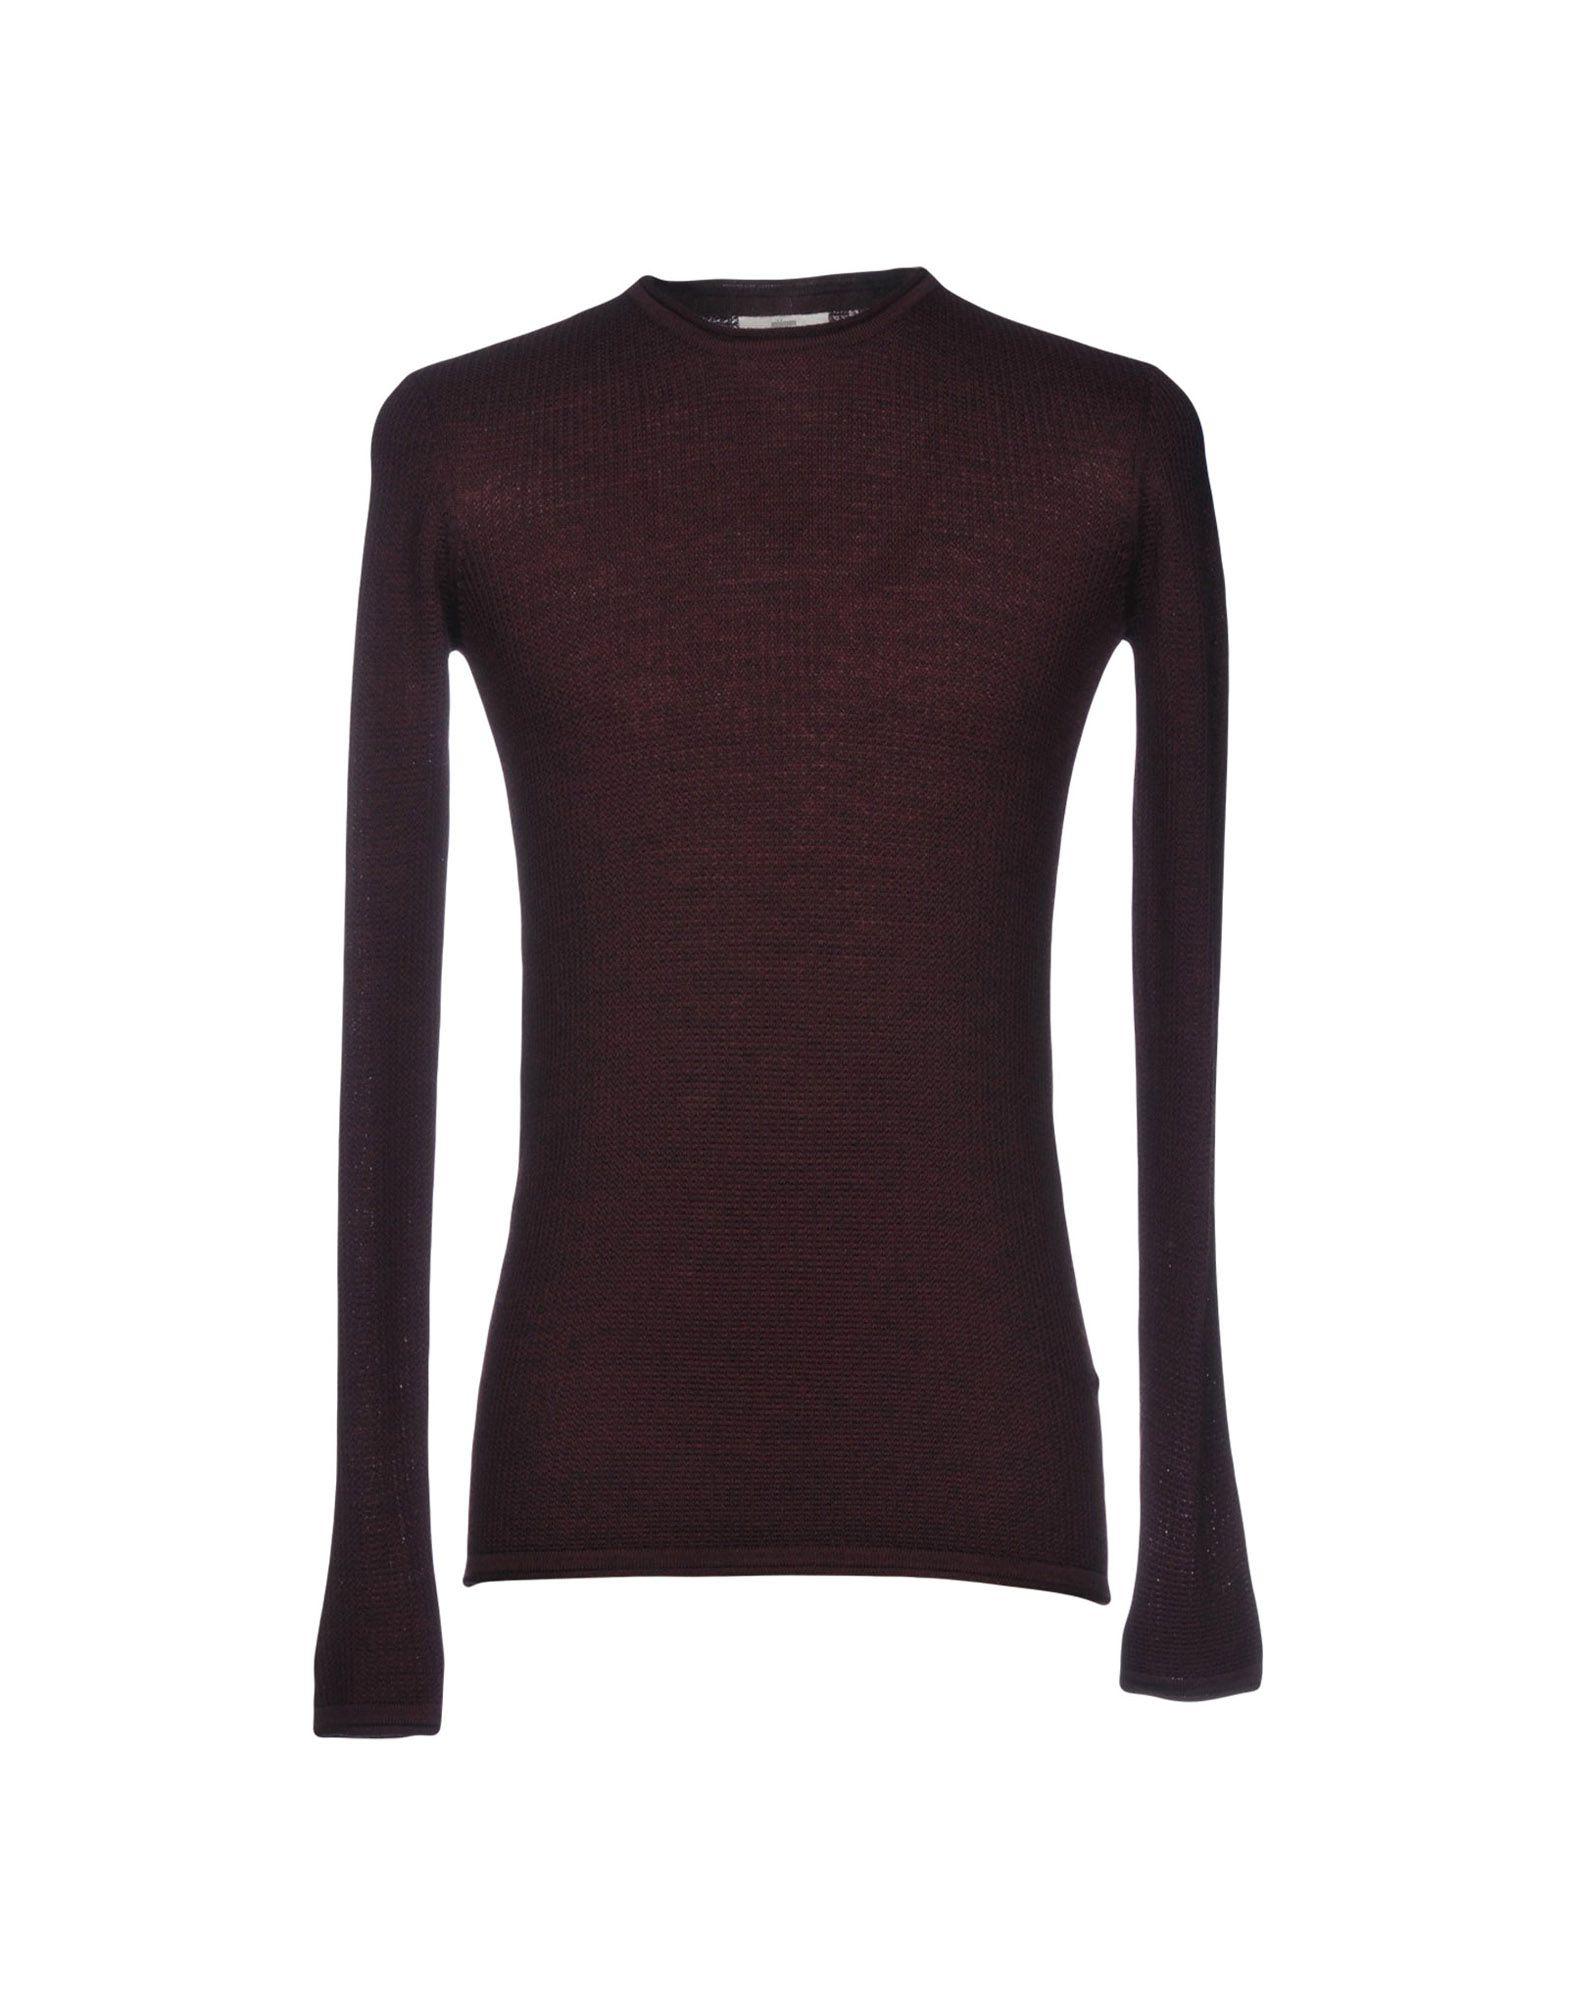 MINIMUM Sweaters - Item 39863954